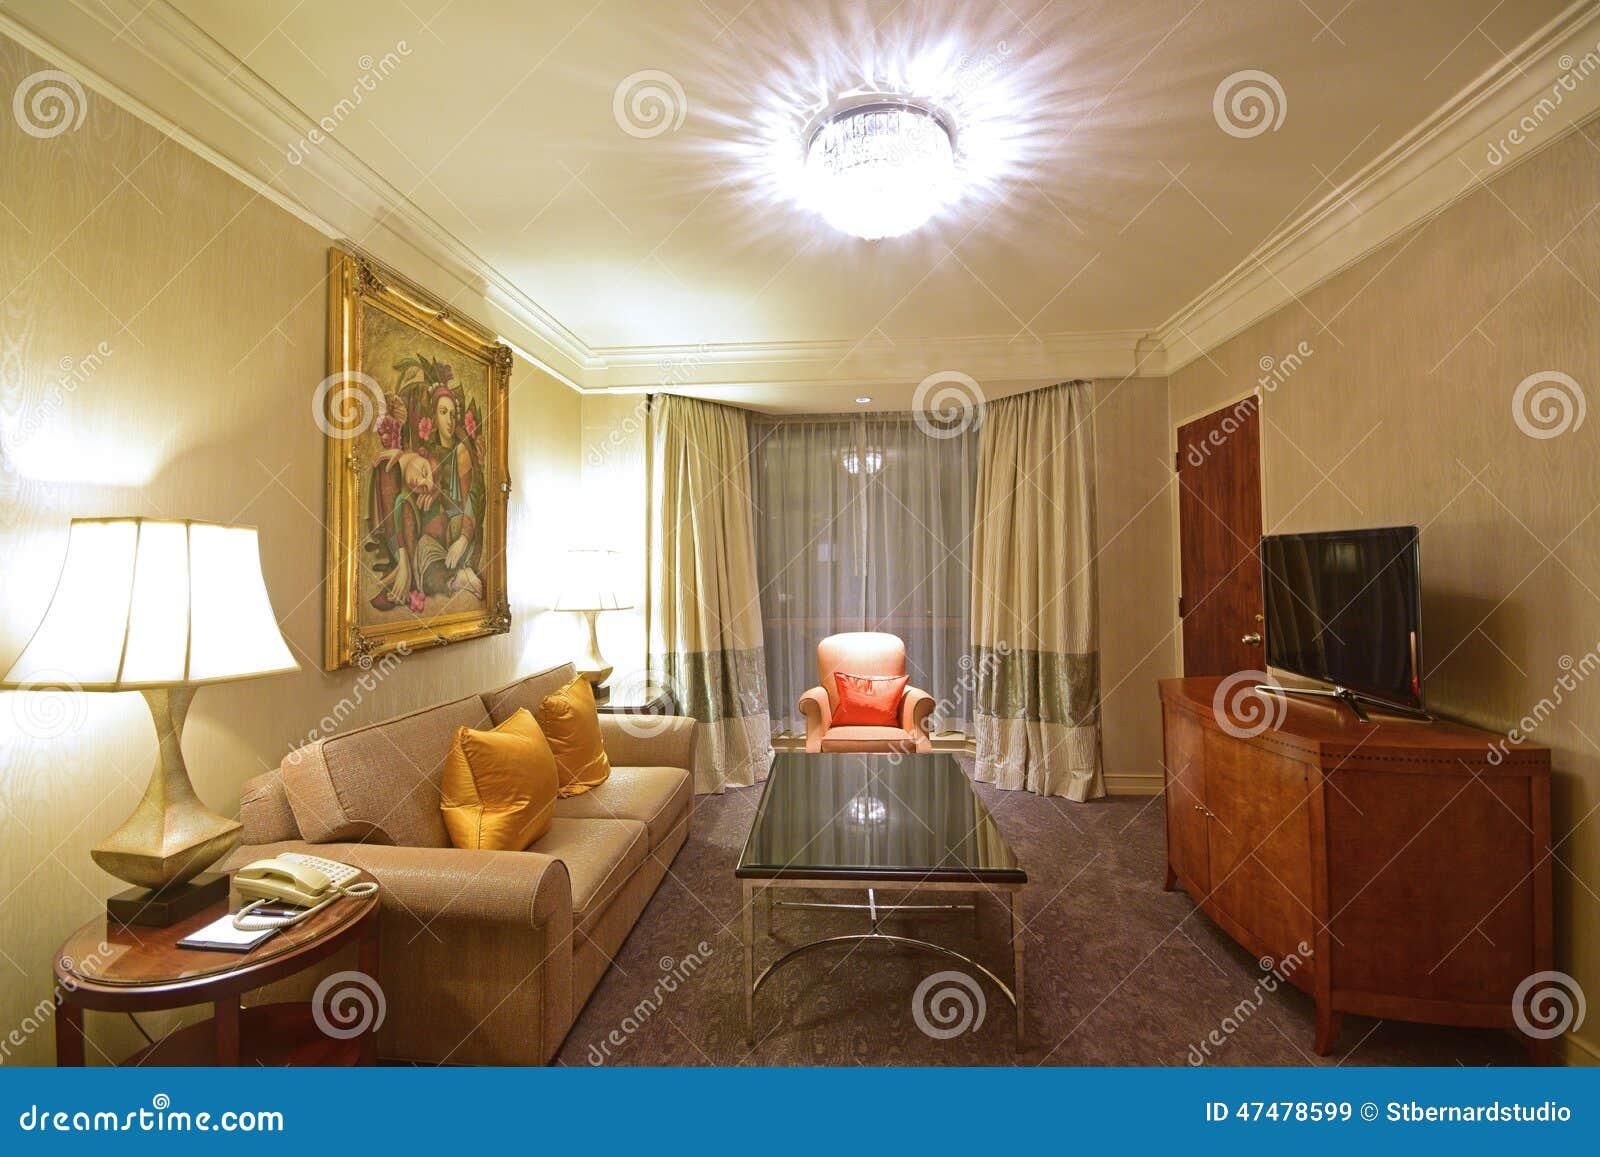 Kubanisches Themenorientiertes Wohnzimmer Einer Luxushotel Reihe